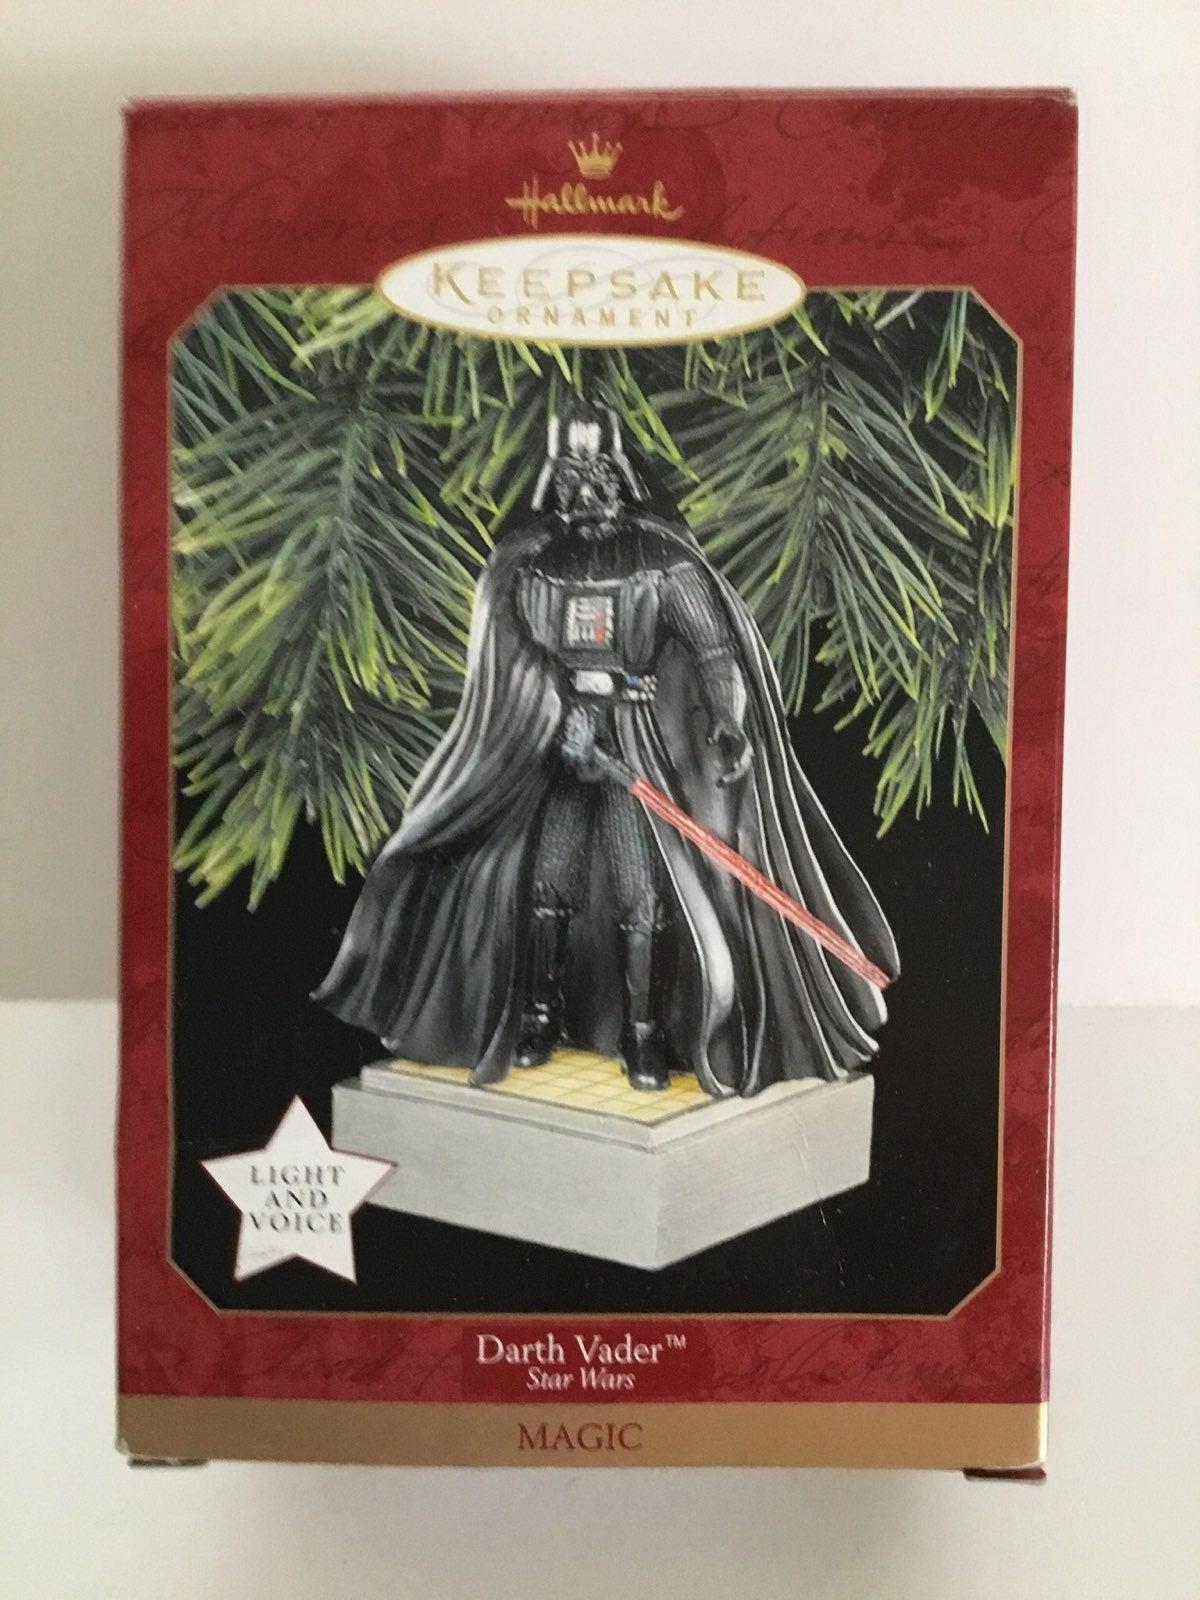 Hallmark Darth Vader Ornament